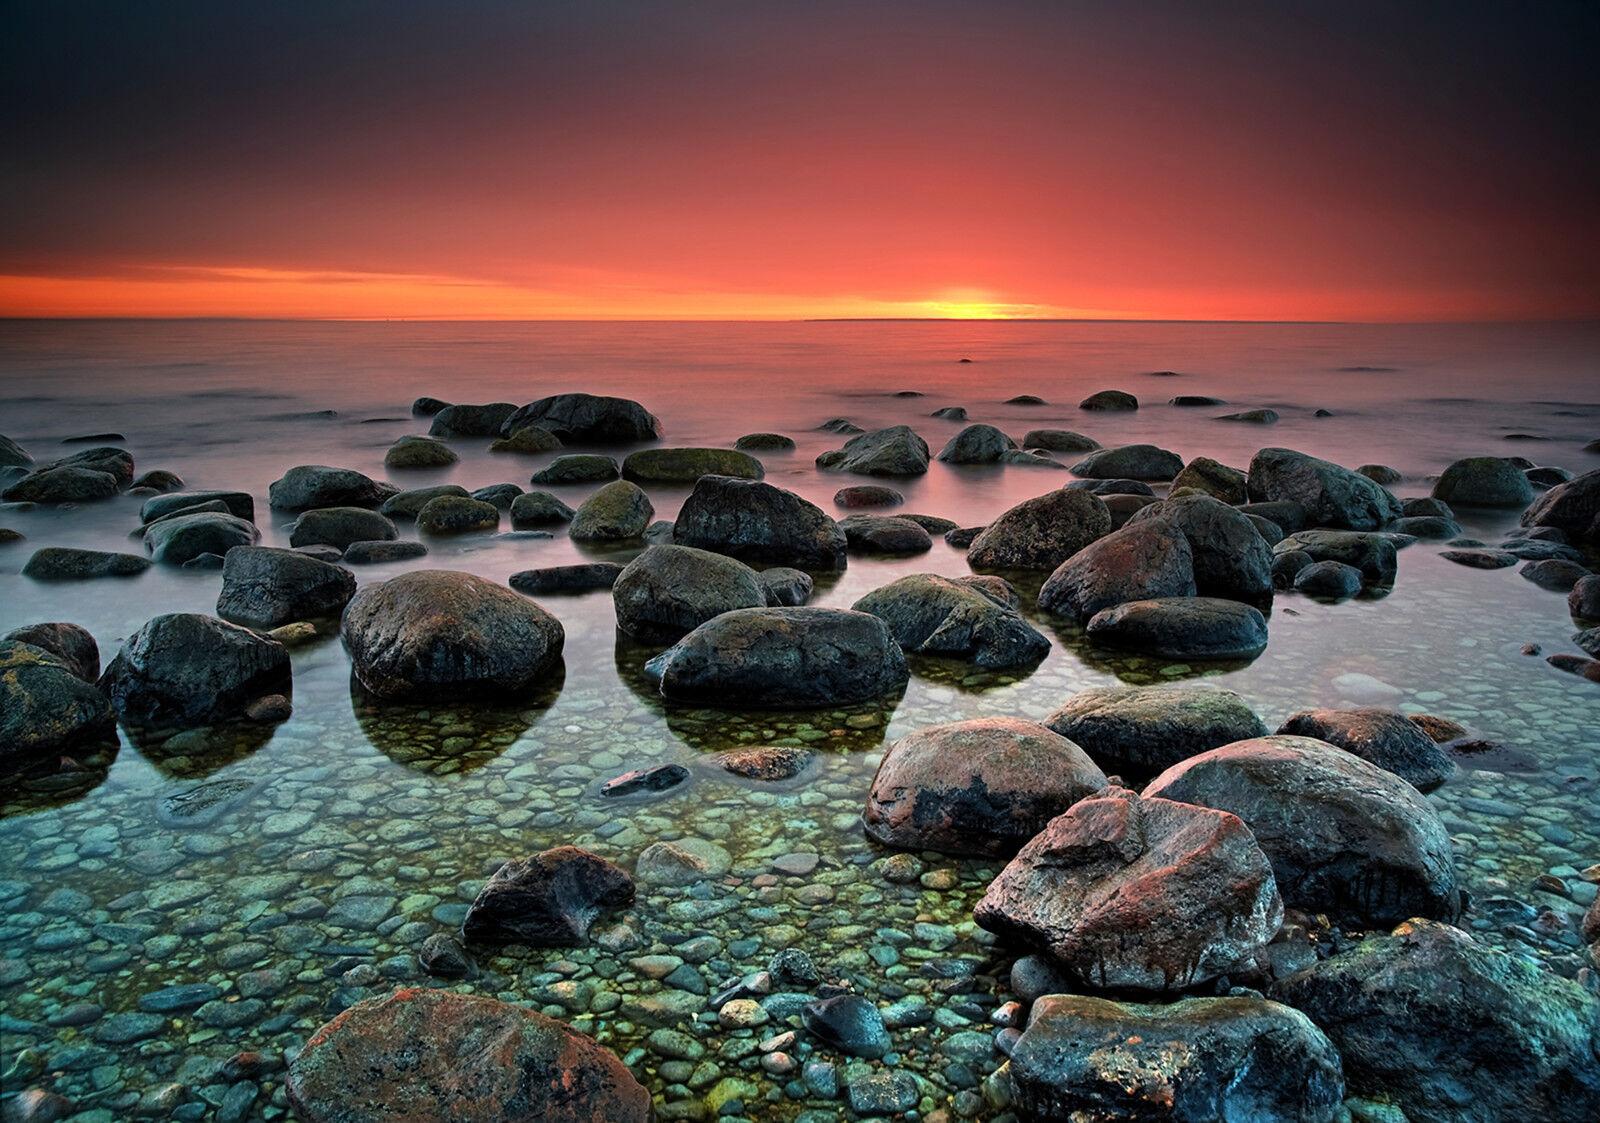 Nappes Papier peint-LA PLAGE - (13031) - Pierres Mer plage côte montagnes soleil Sable Ciel